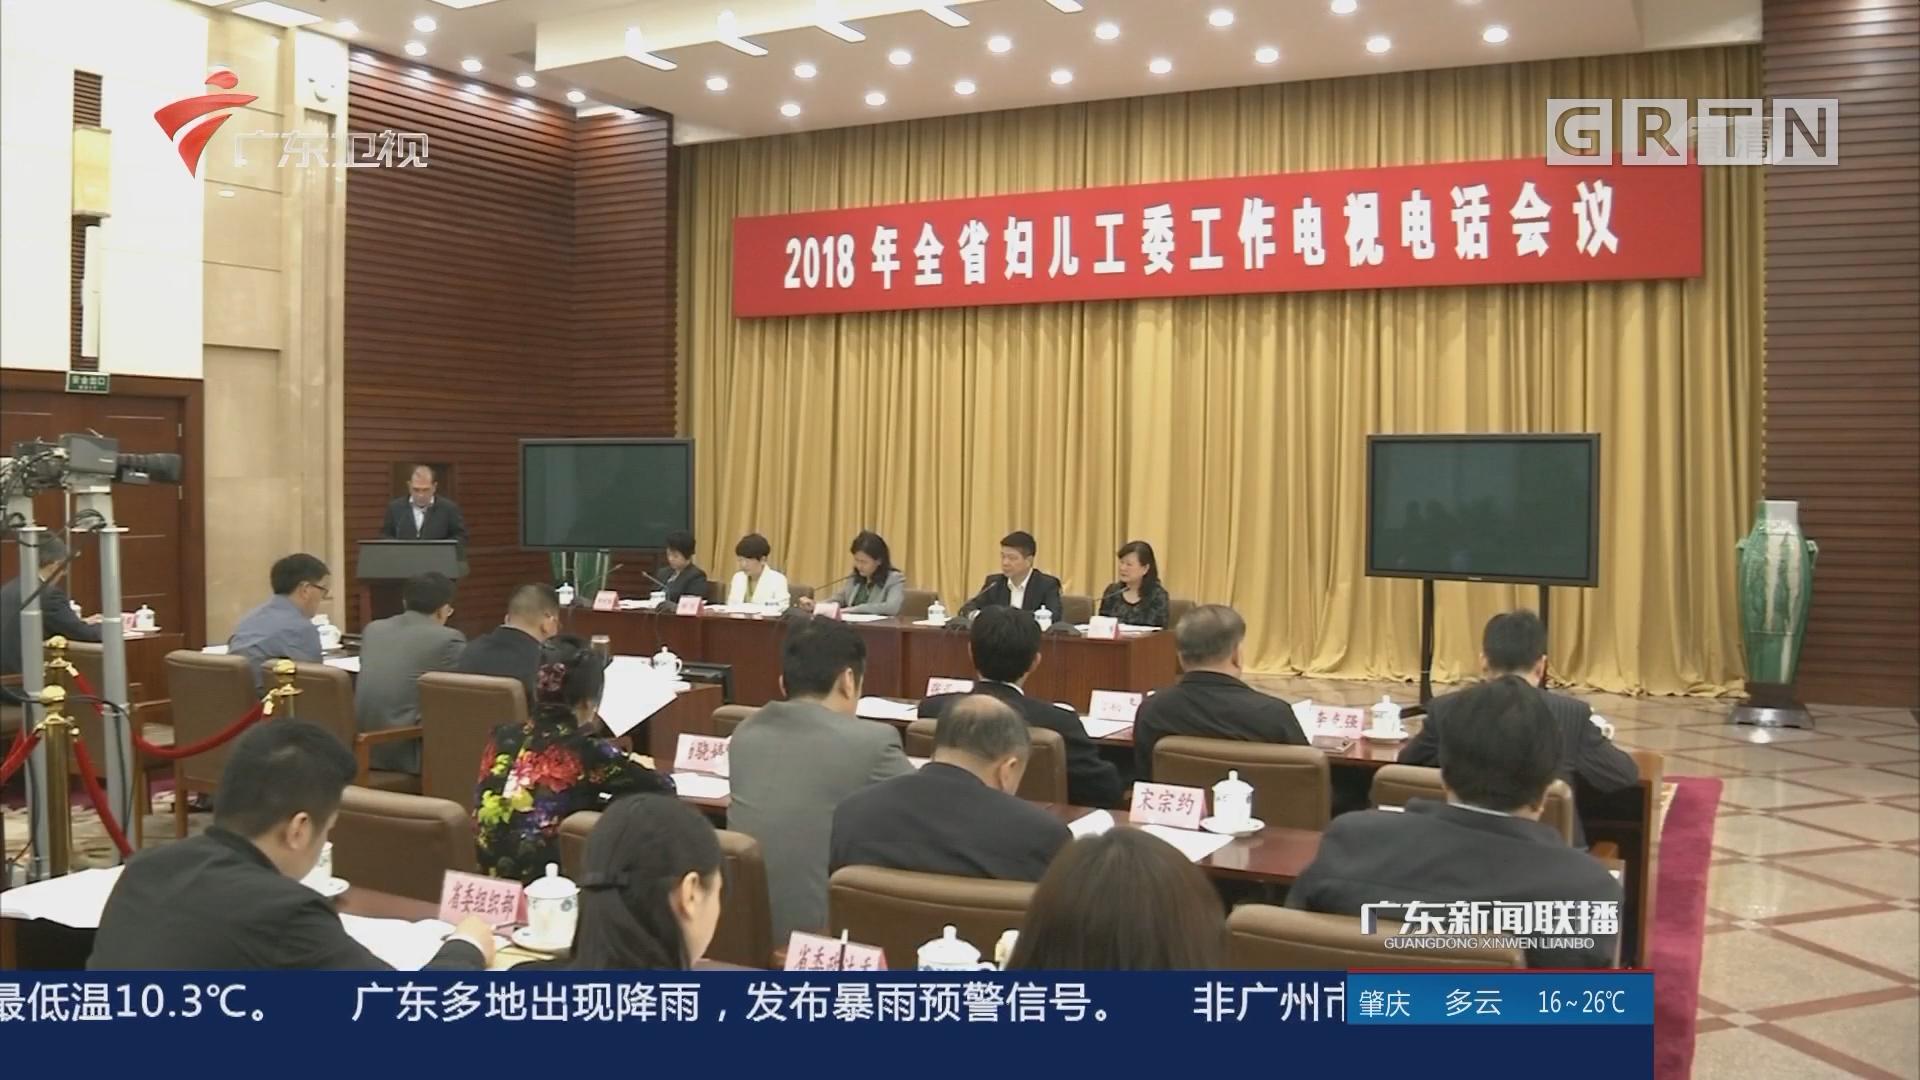 广东:全面推进妇女儿童事业高质量发展